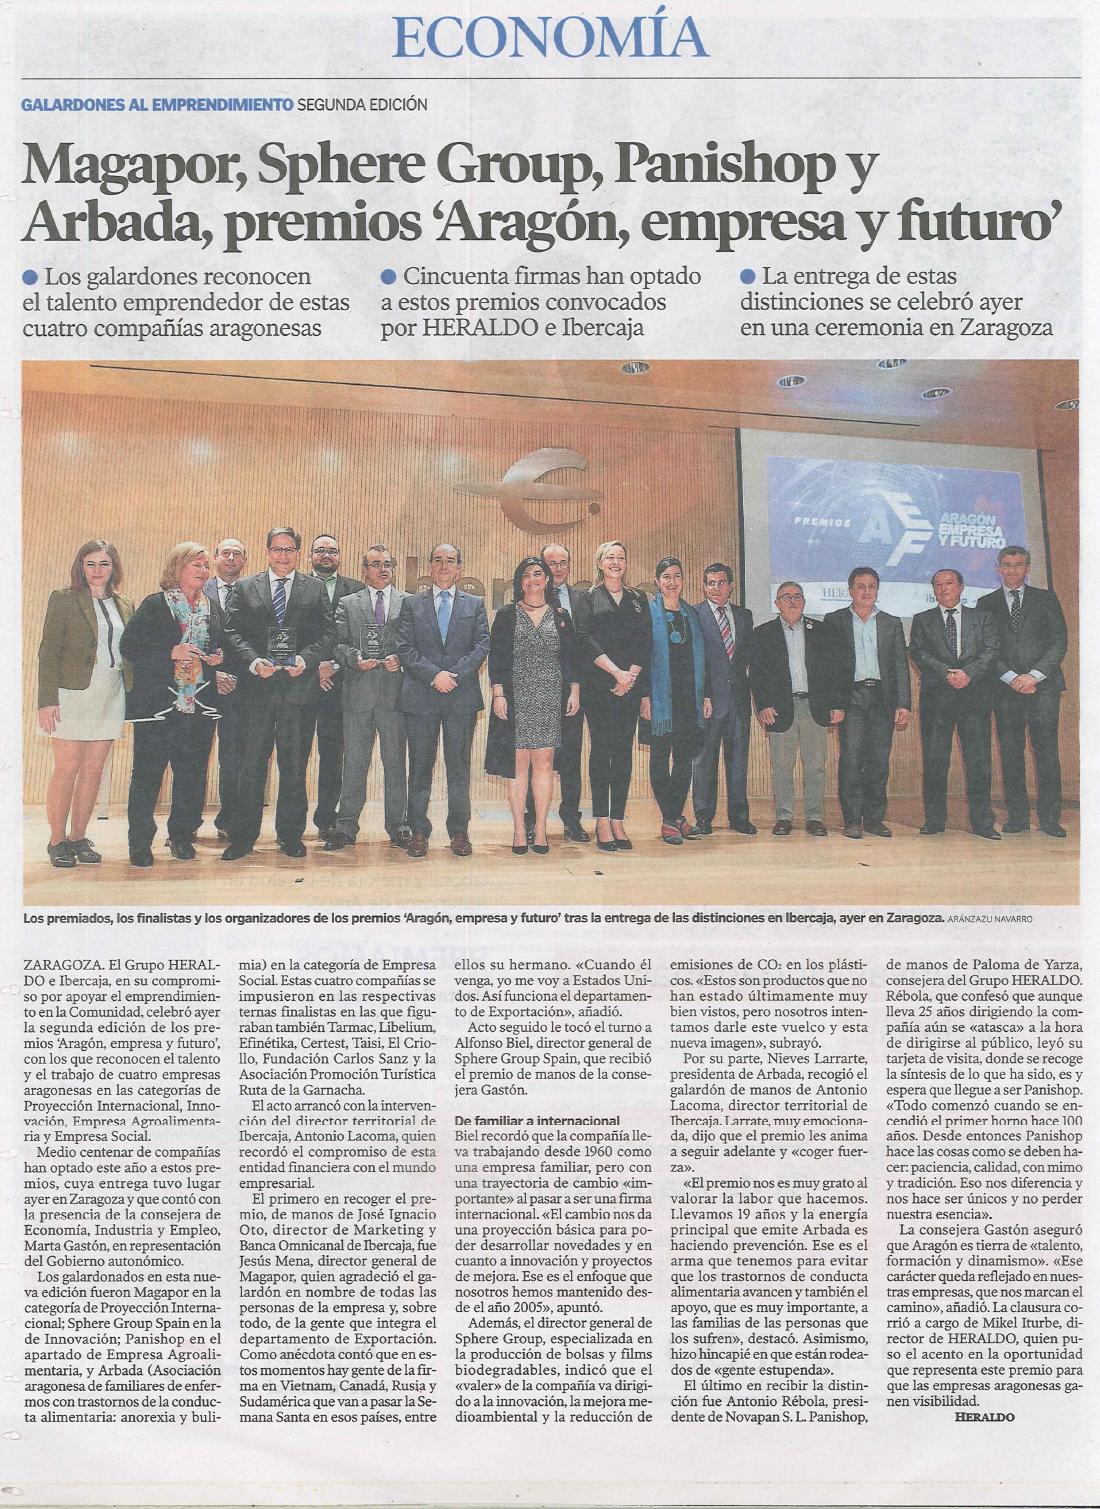 Heraldo de Aragón – Premios Aragón, Empresa y Futuro